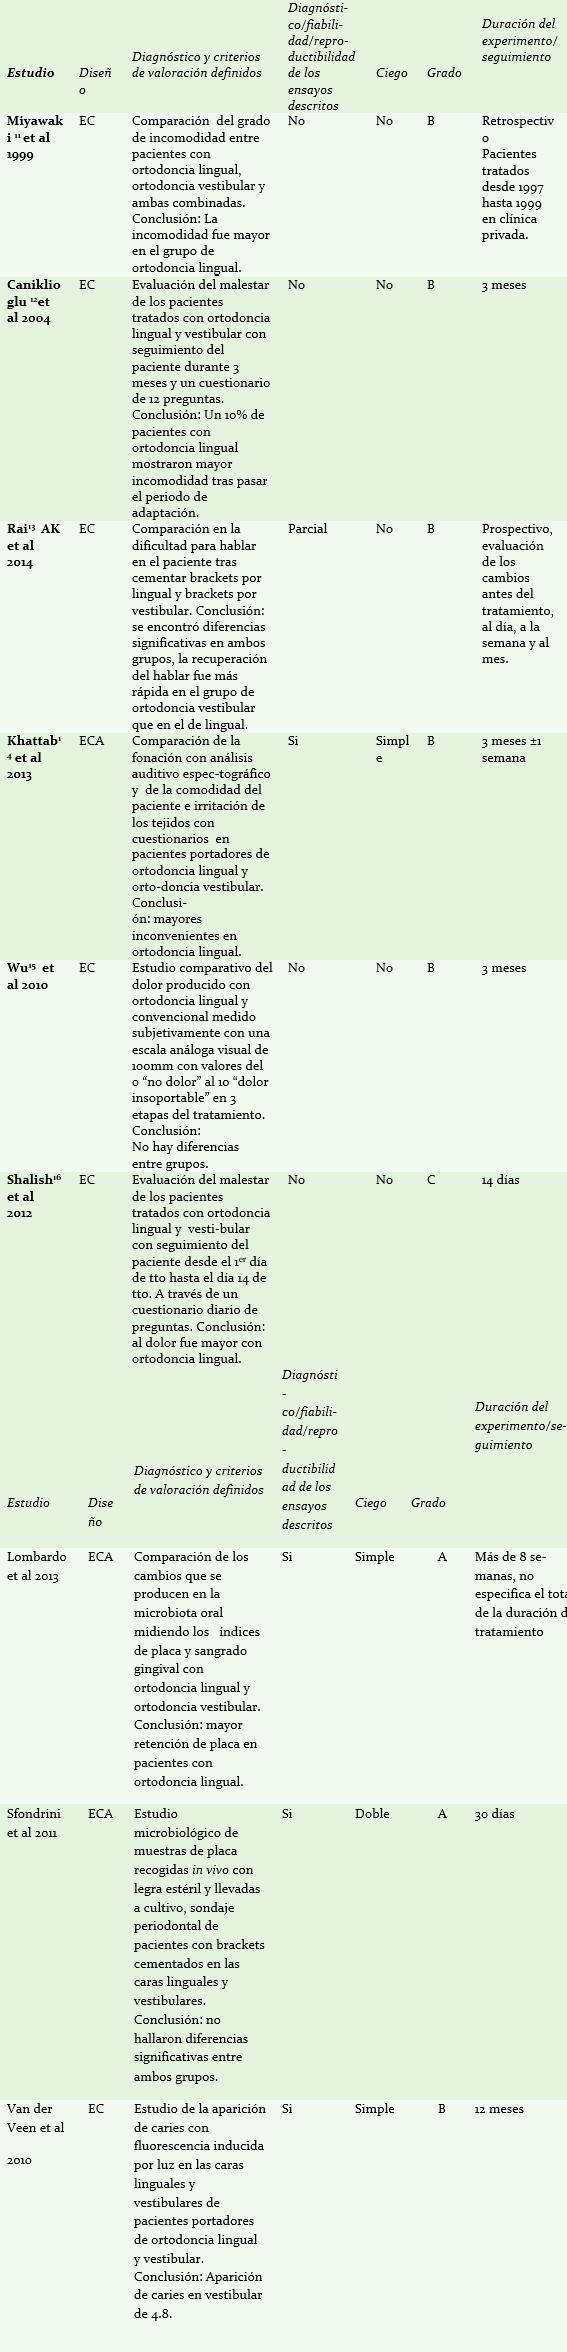 Tabla III: Diseño y clasificación de los estudios incluidos en la comparativa de comodidad para el paciente